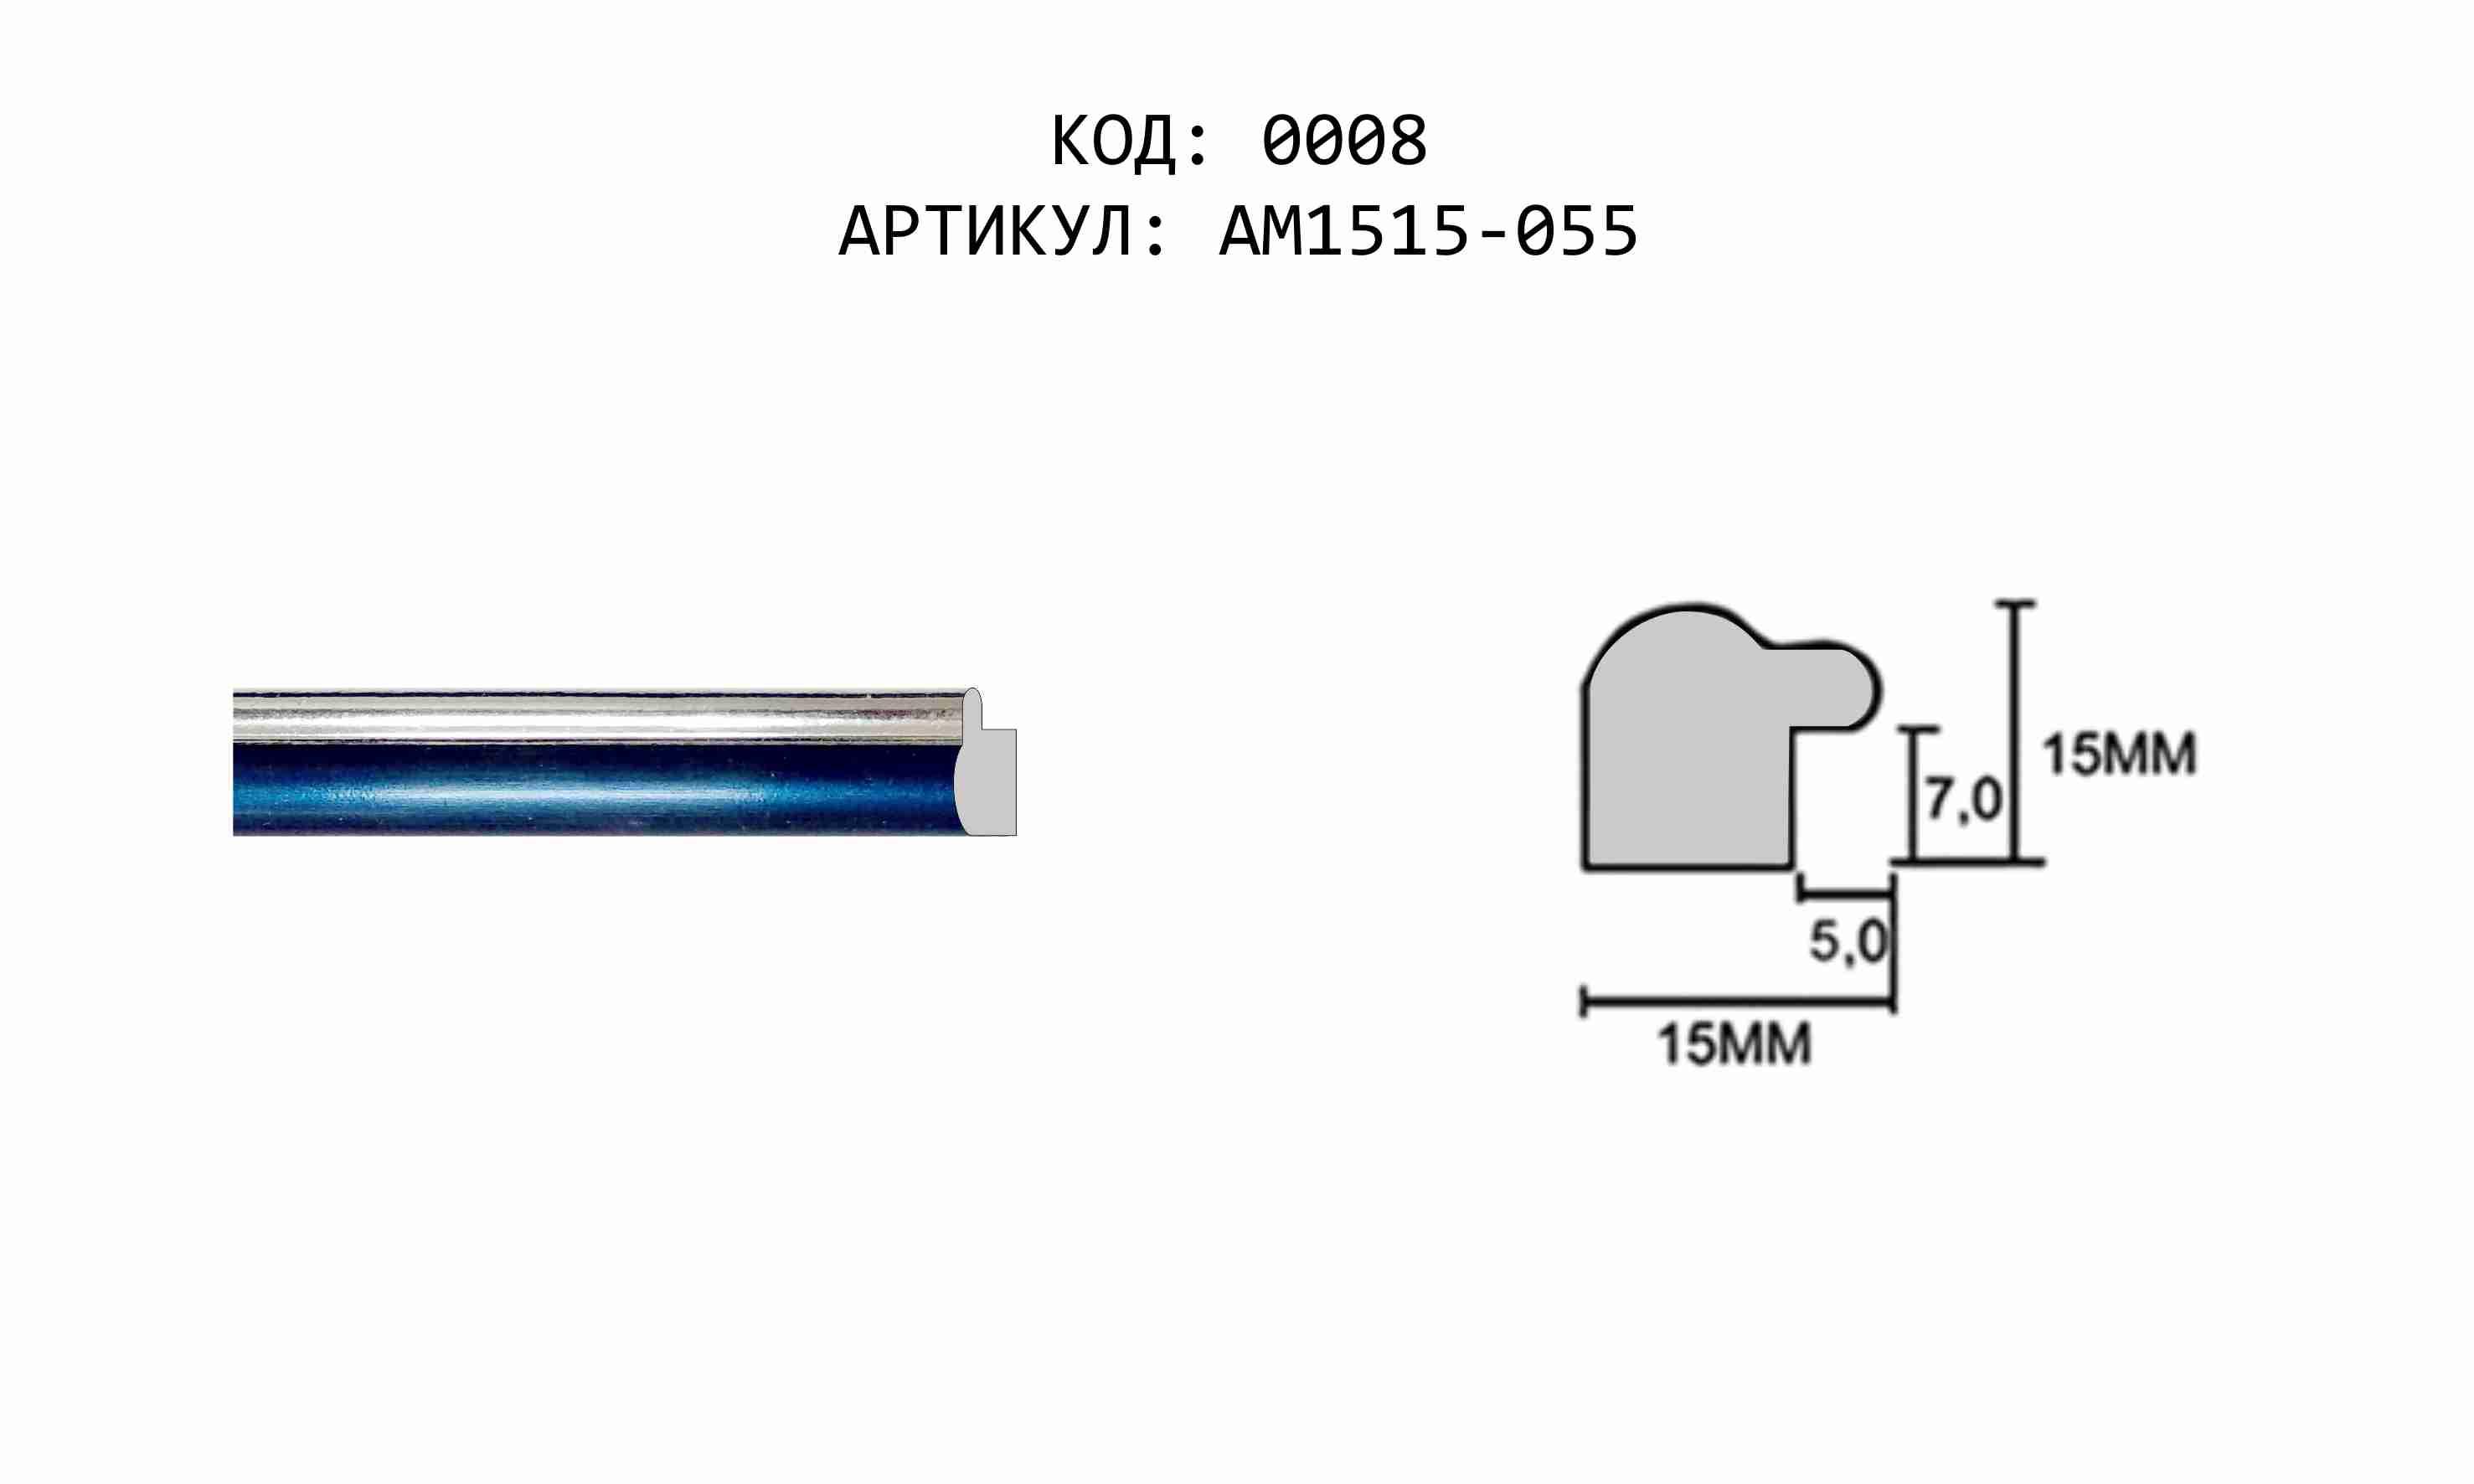 Артикул: AM1515-055